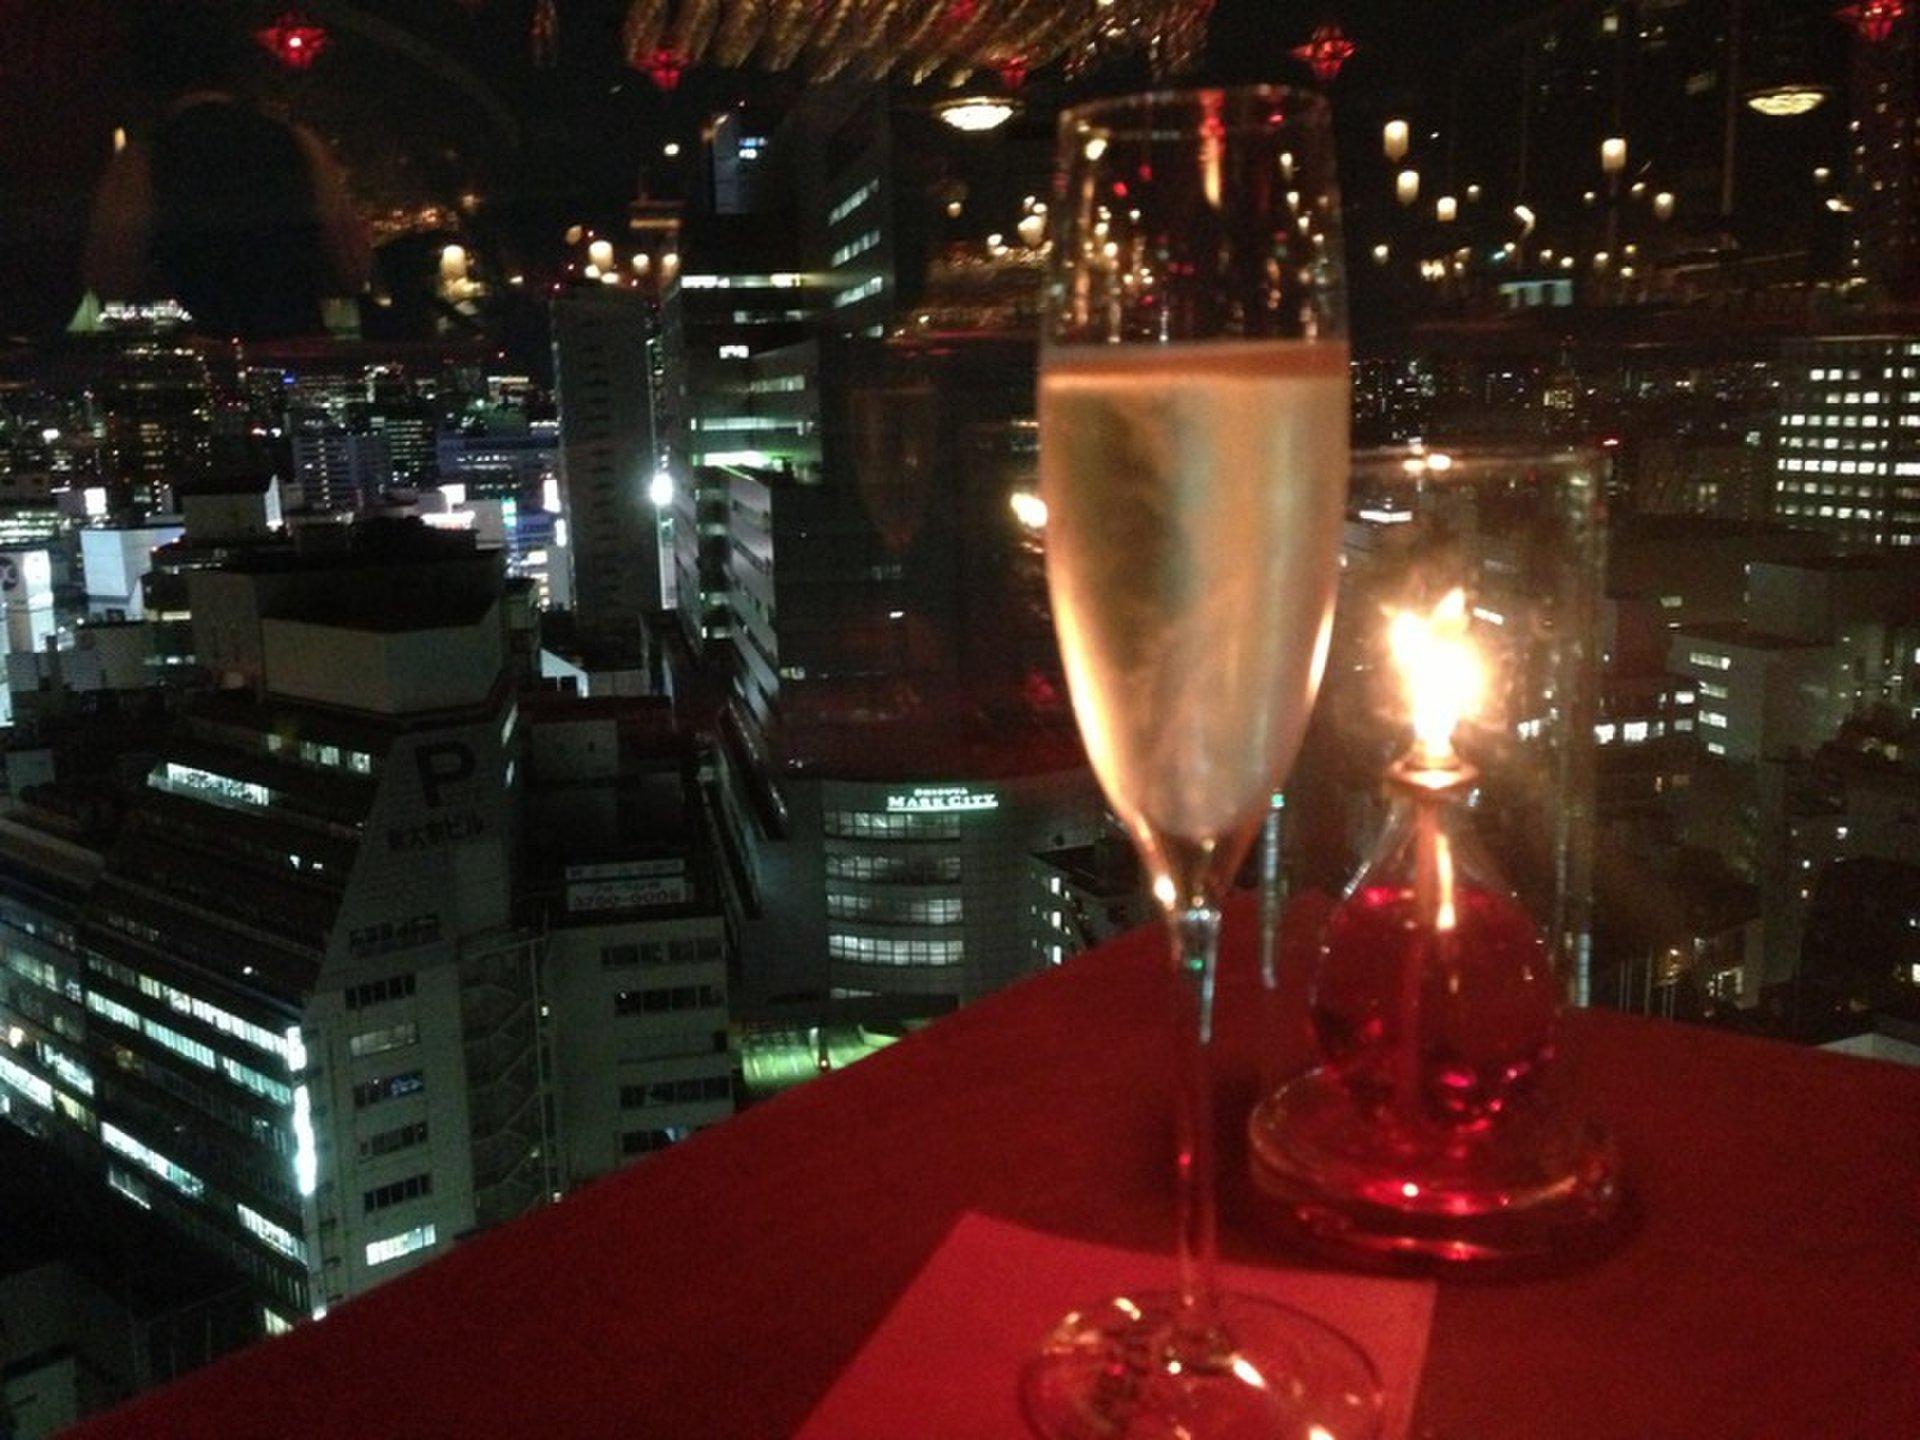 【記念日におすすめ】もう一度彼女を惚れさせるちょっと背伸びした渋谷の充実1日デートプラン♪